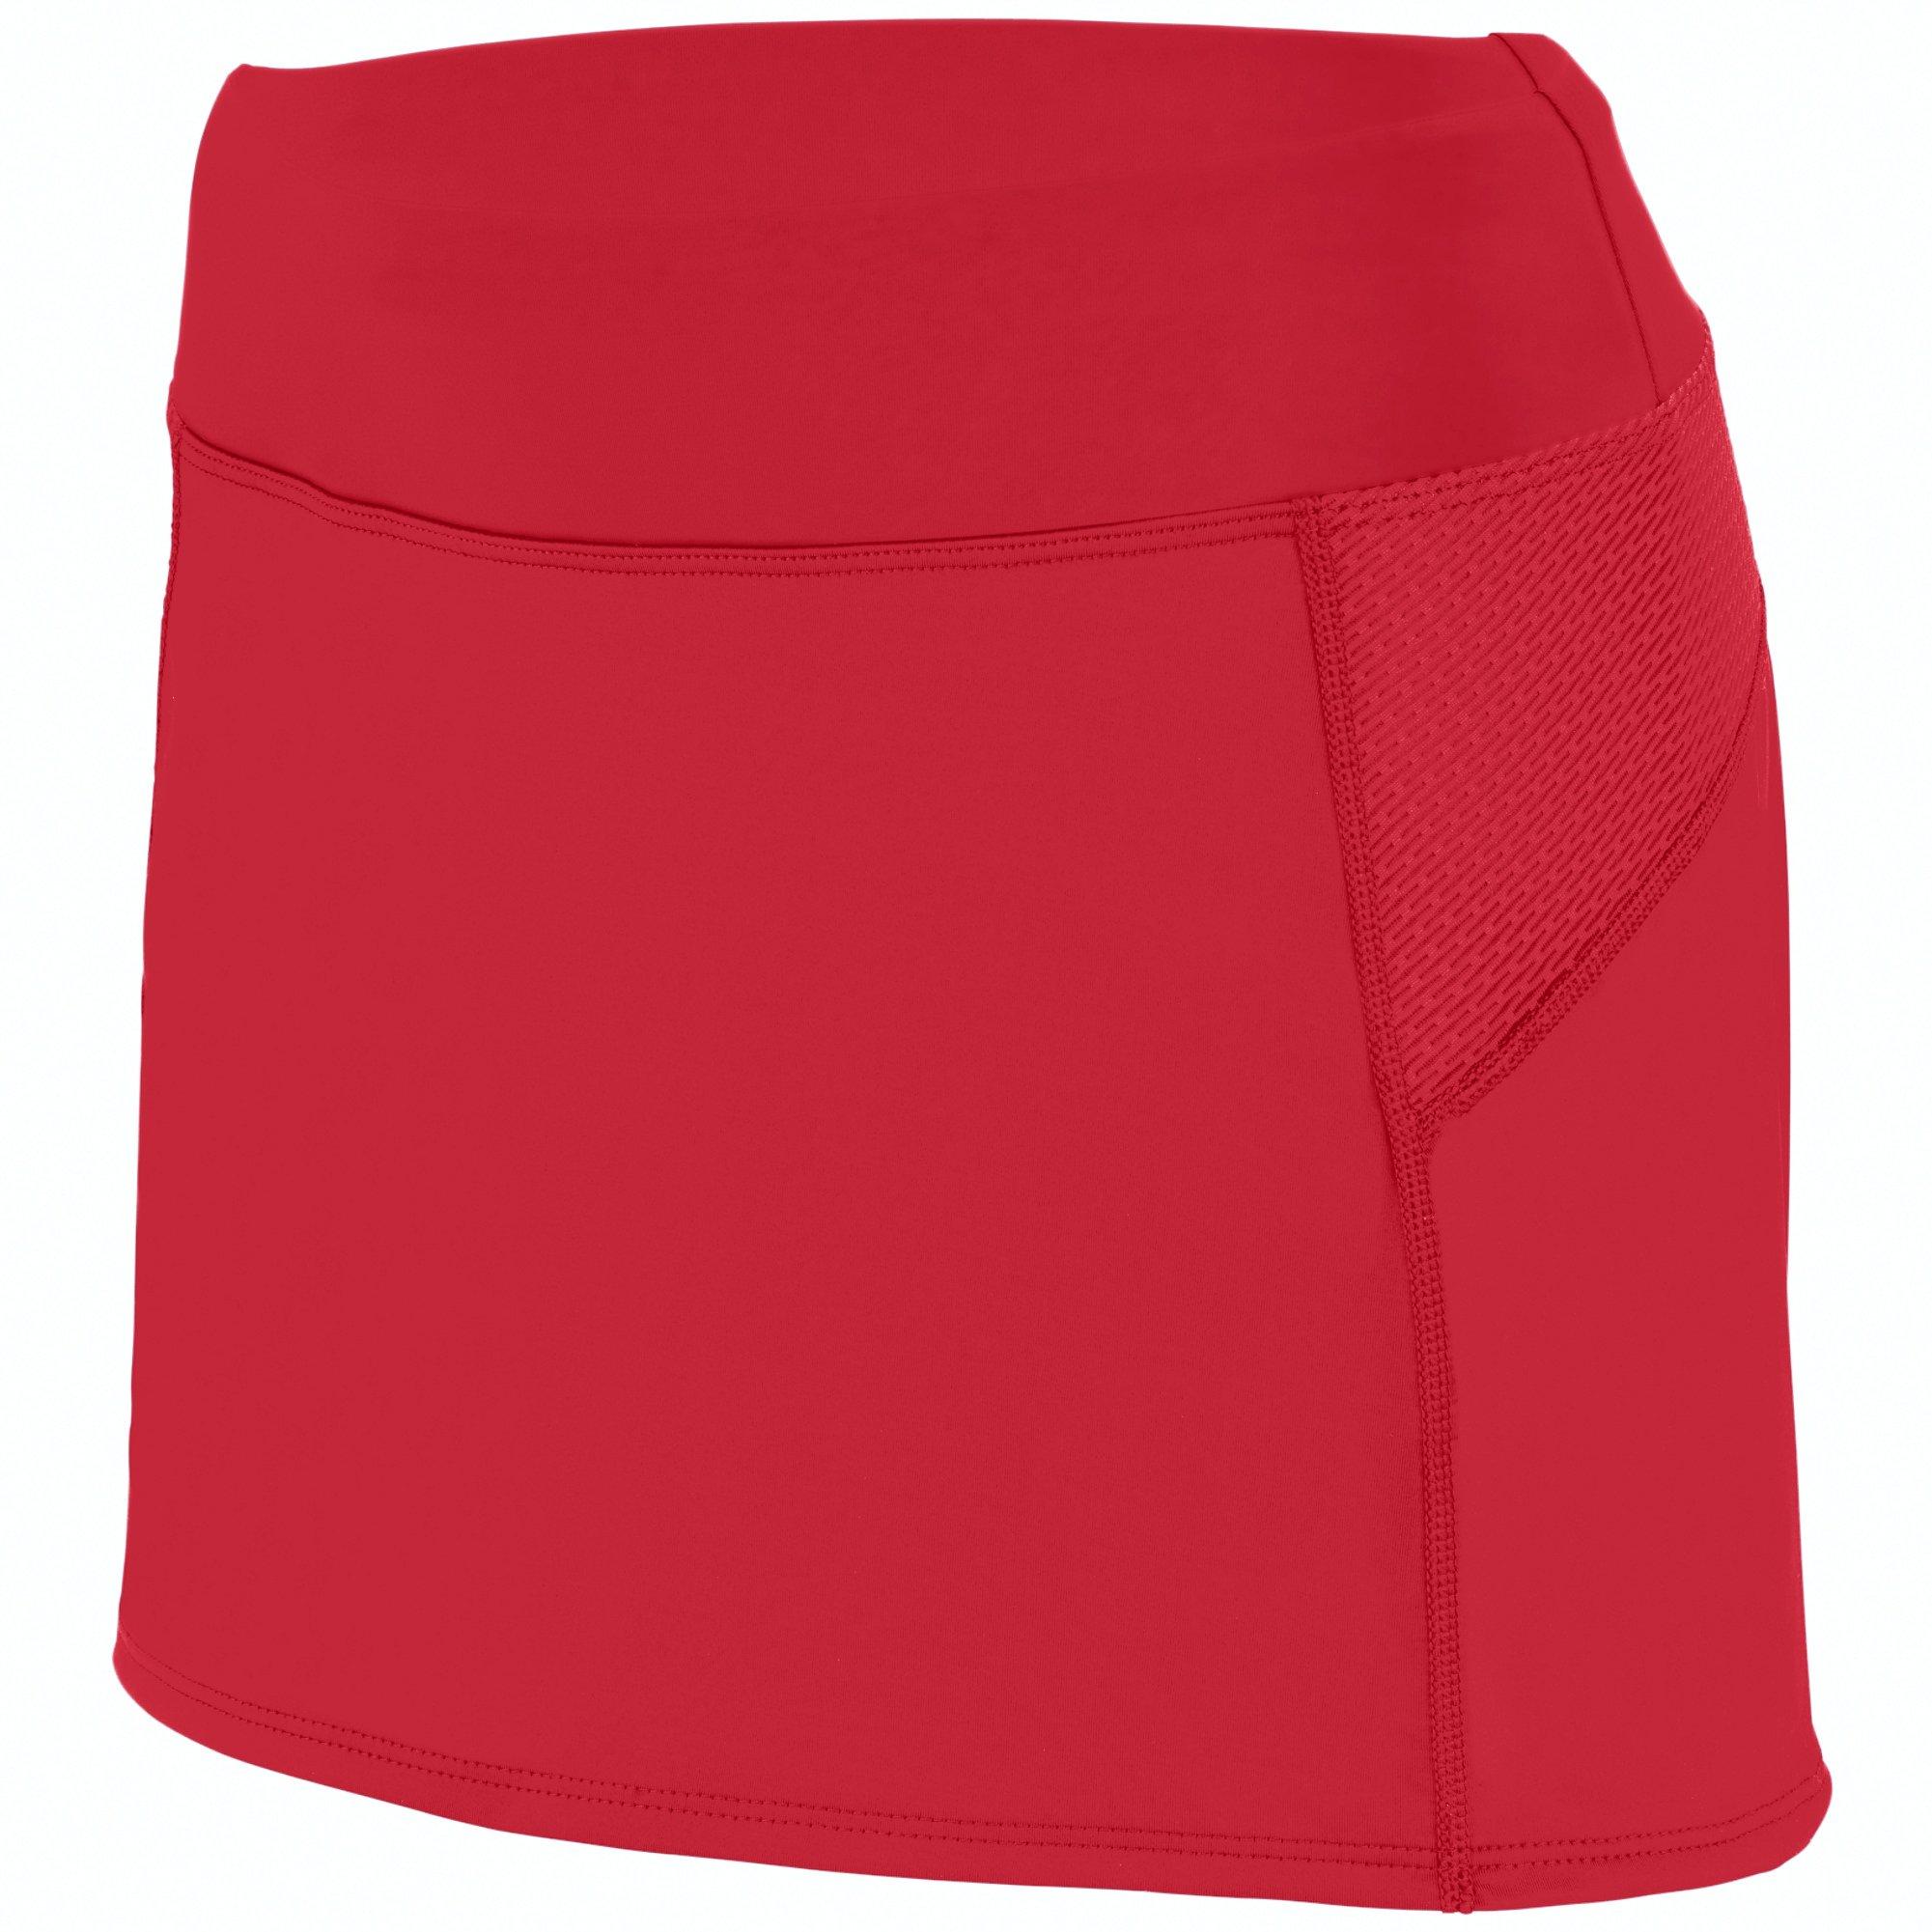 Augusta Sportswear Women's Femfit Skort S Red/Graphite